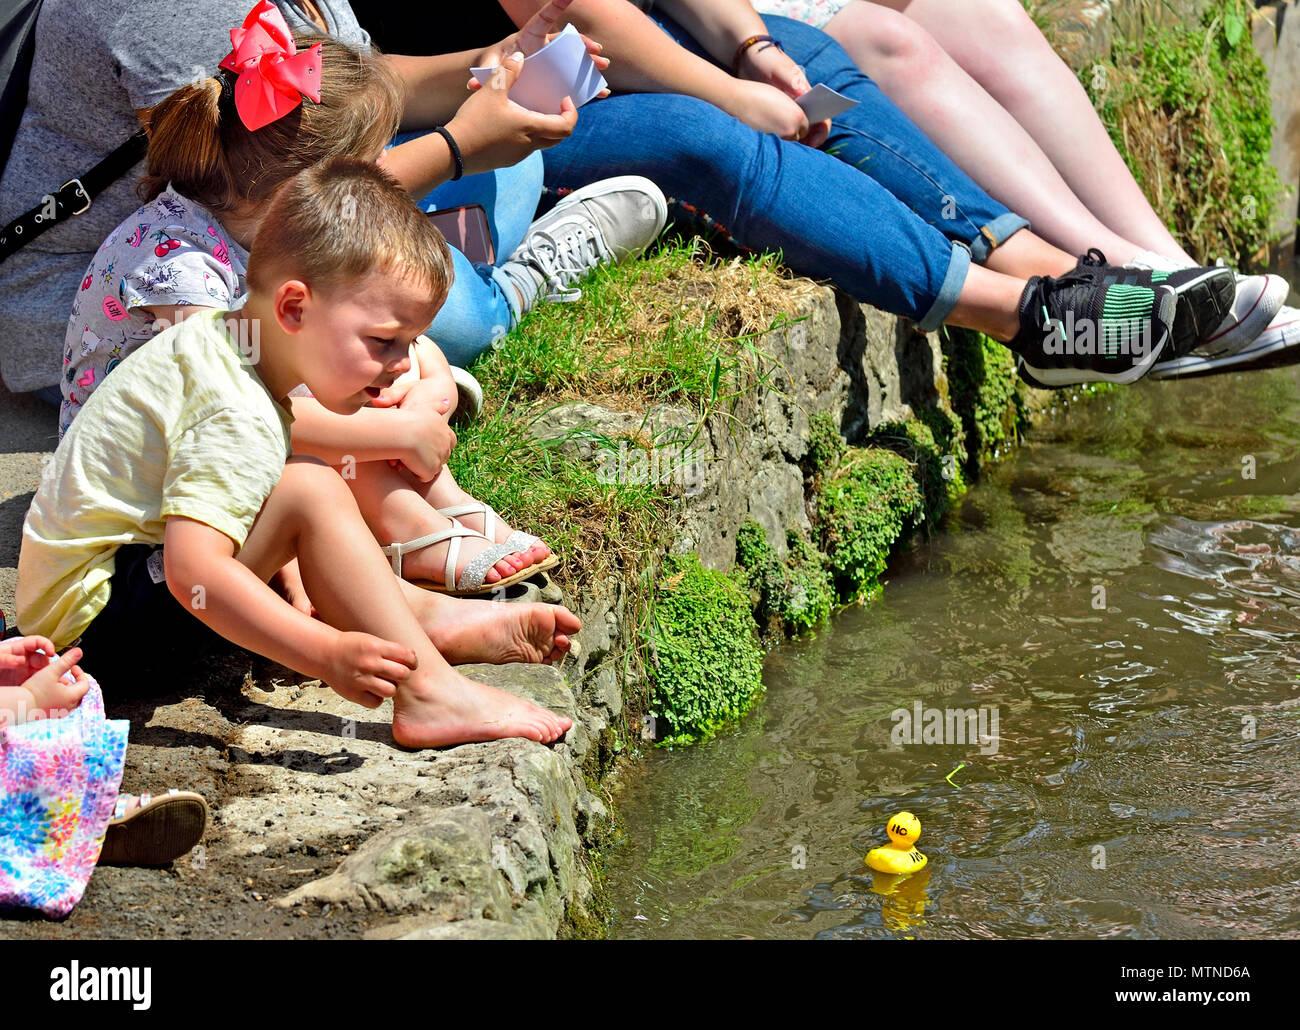 May Bank Holiday Duck Race in Losen Dorf, Kent. Kinder aufpassen, die Enten auf lose Bäche an der jährlichen Veranstaltung. Stockbild